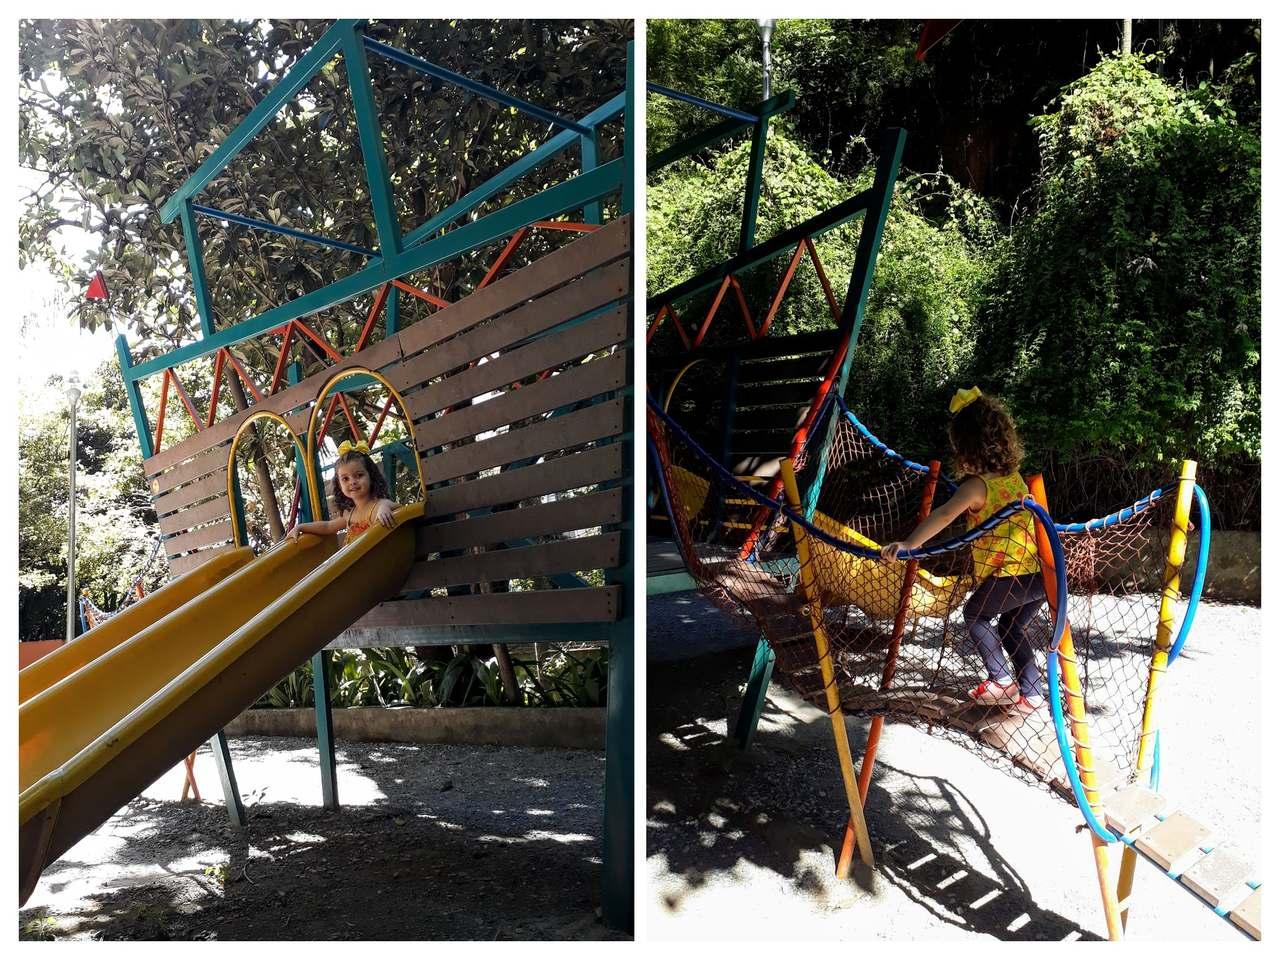 Passeio em Família - Parques de Natureza em Belo HorizontePasseio em Família - Parques de Natureza em Belo Horizonte